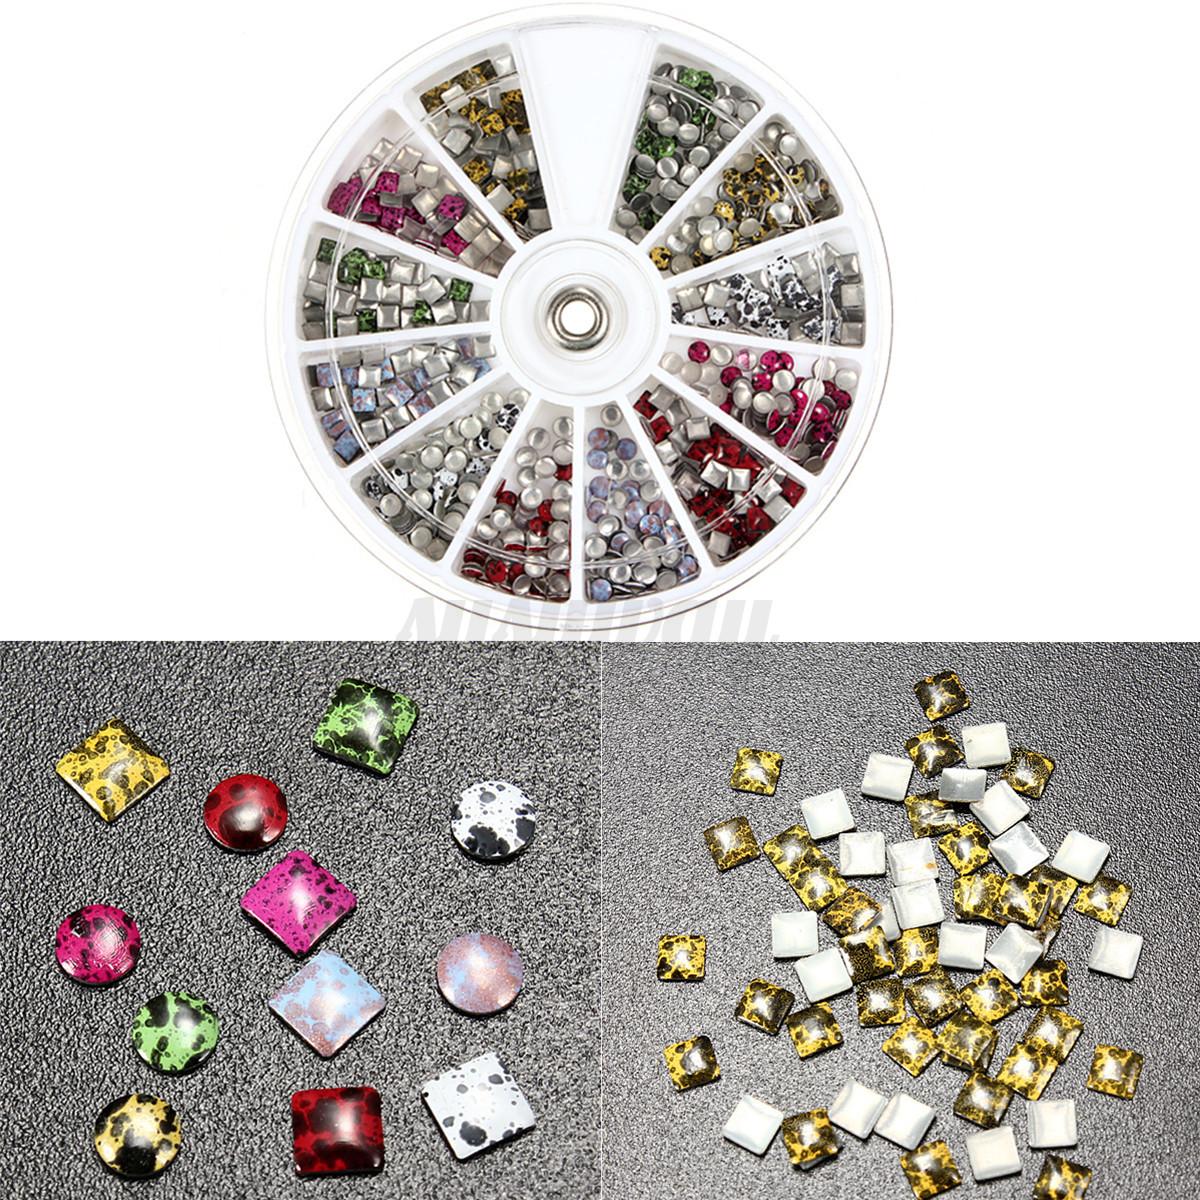 58-Estilos-Rueda-Flor-Perla-Acrilico-Pegatinas-Unas-Manicura-Navidad-Decoracion